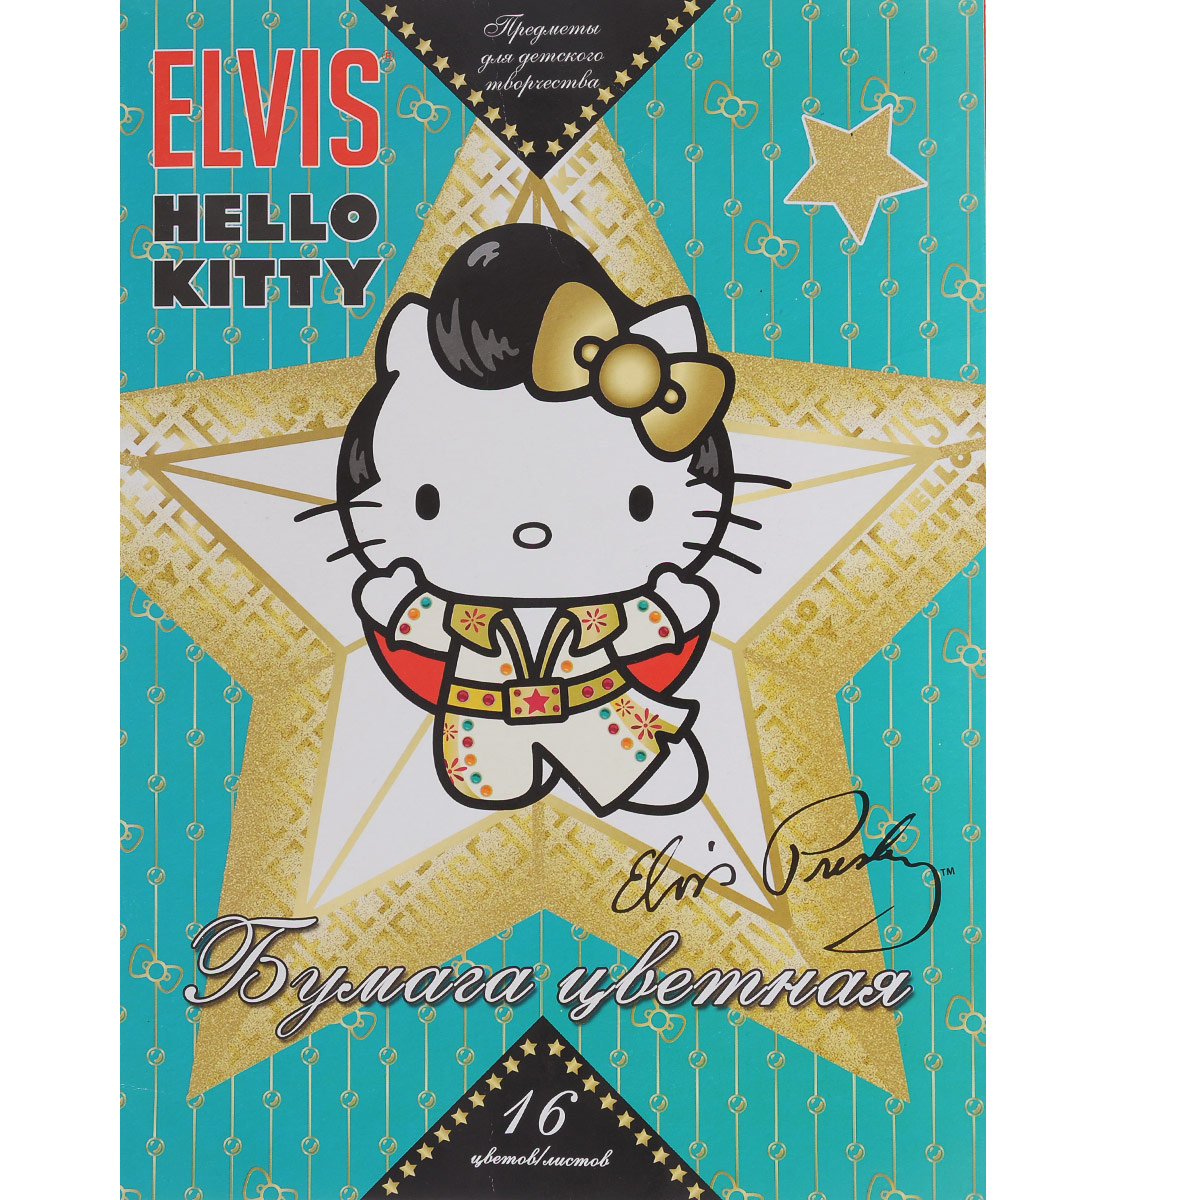 Цветная бумага Hello Kitty. Elvis, 16 цветов. HK31_бирюзовыйAFDS-4/8-1Цветная бумага Hello Kitty. Elvis позволит вашему ребенку создавать всевозможные аппликации и поделки.Набор состоит из 16 листов, скрепленных скобами. Обложка изготовлена из плотного картона с изображением Hello Kitty.Создание поделок из цветной бумаги поможет ребенку в развитии творческих способностей, кроме того, это увлекательный досуг.